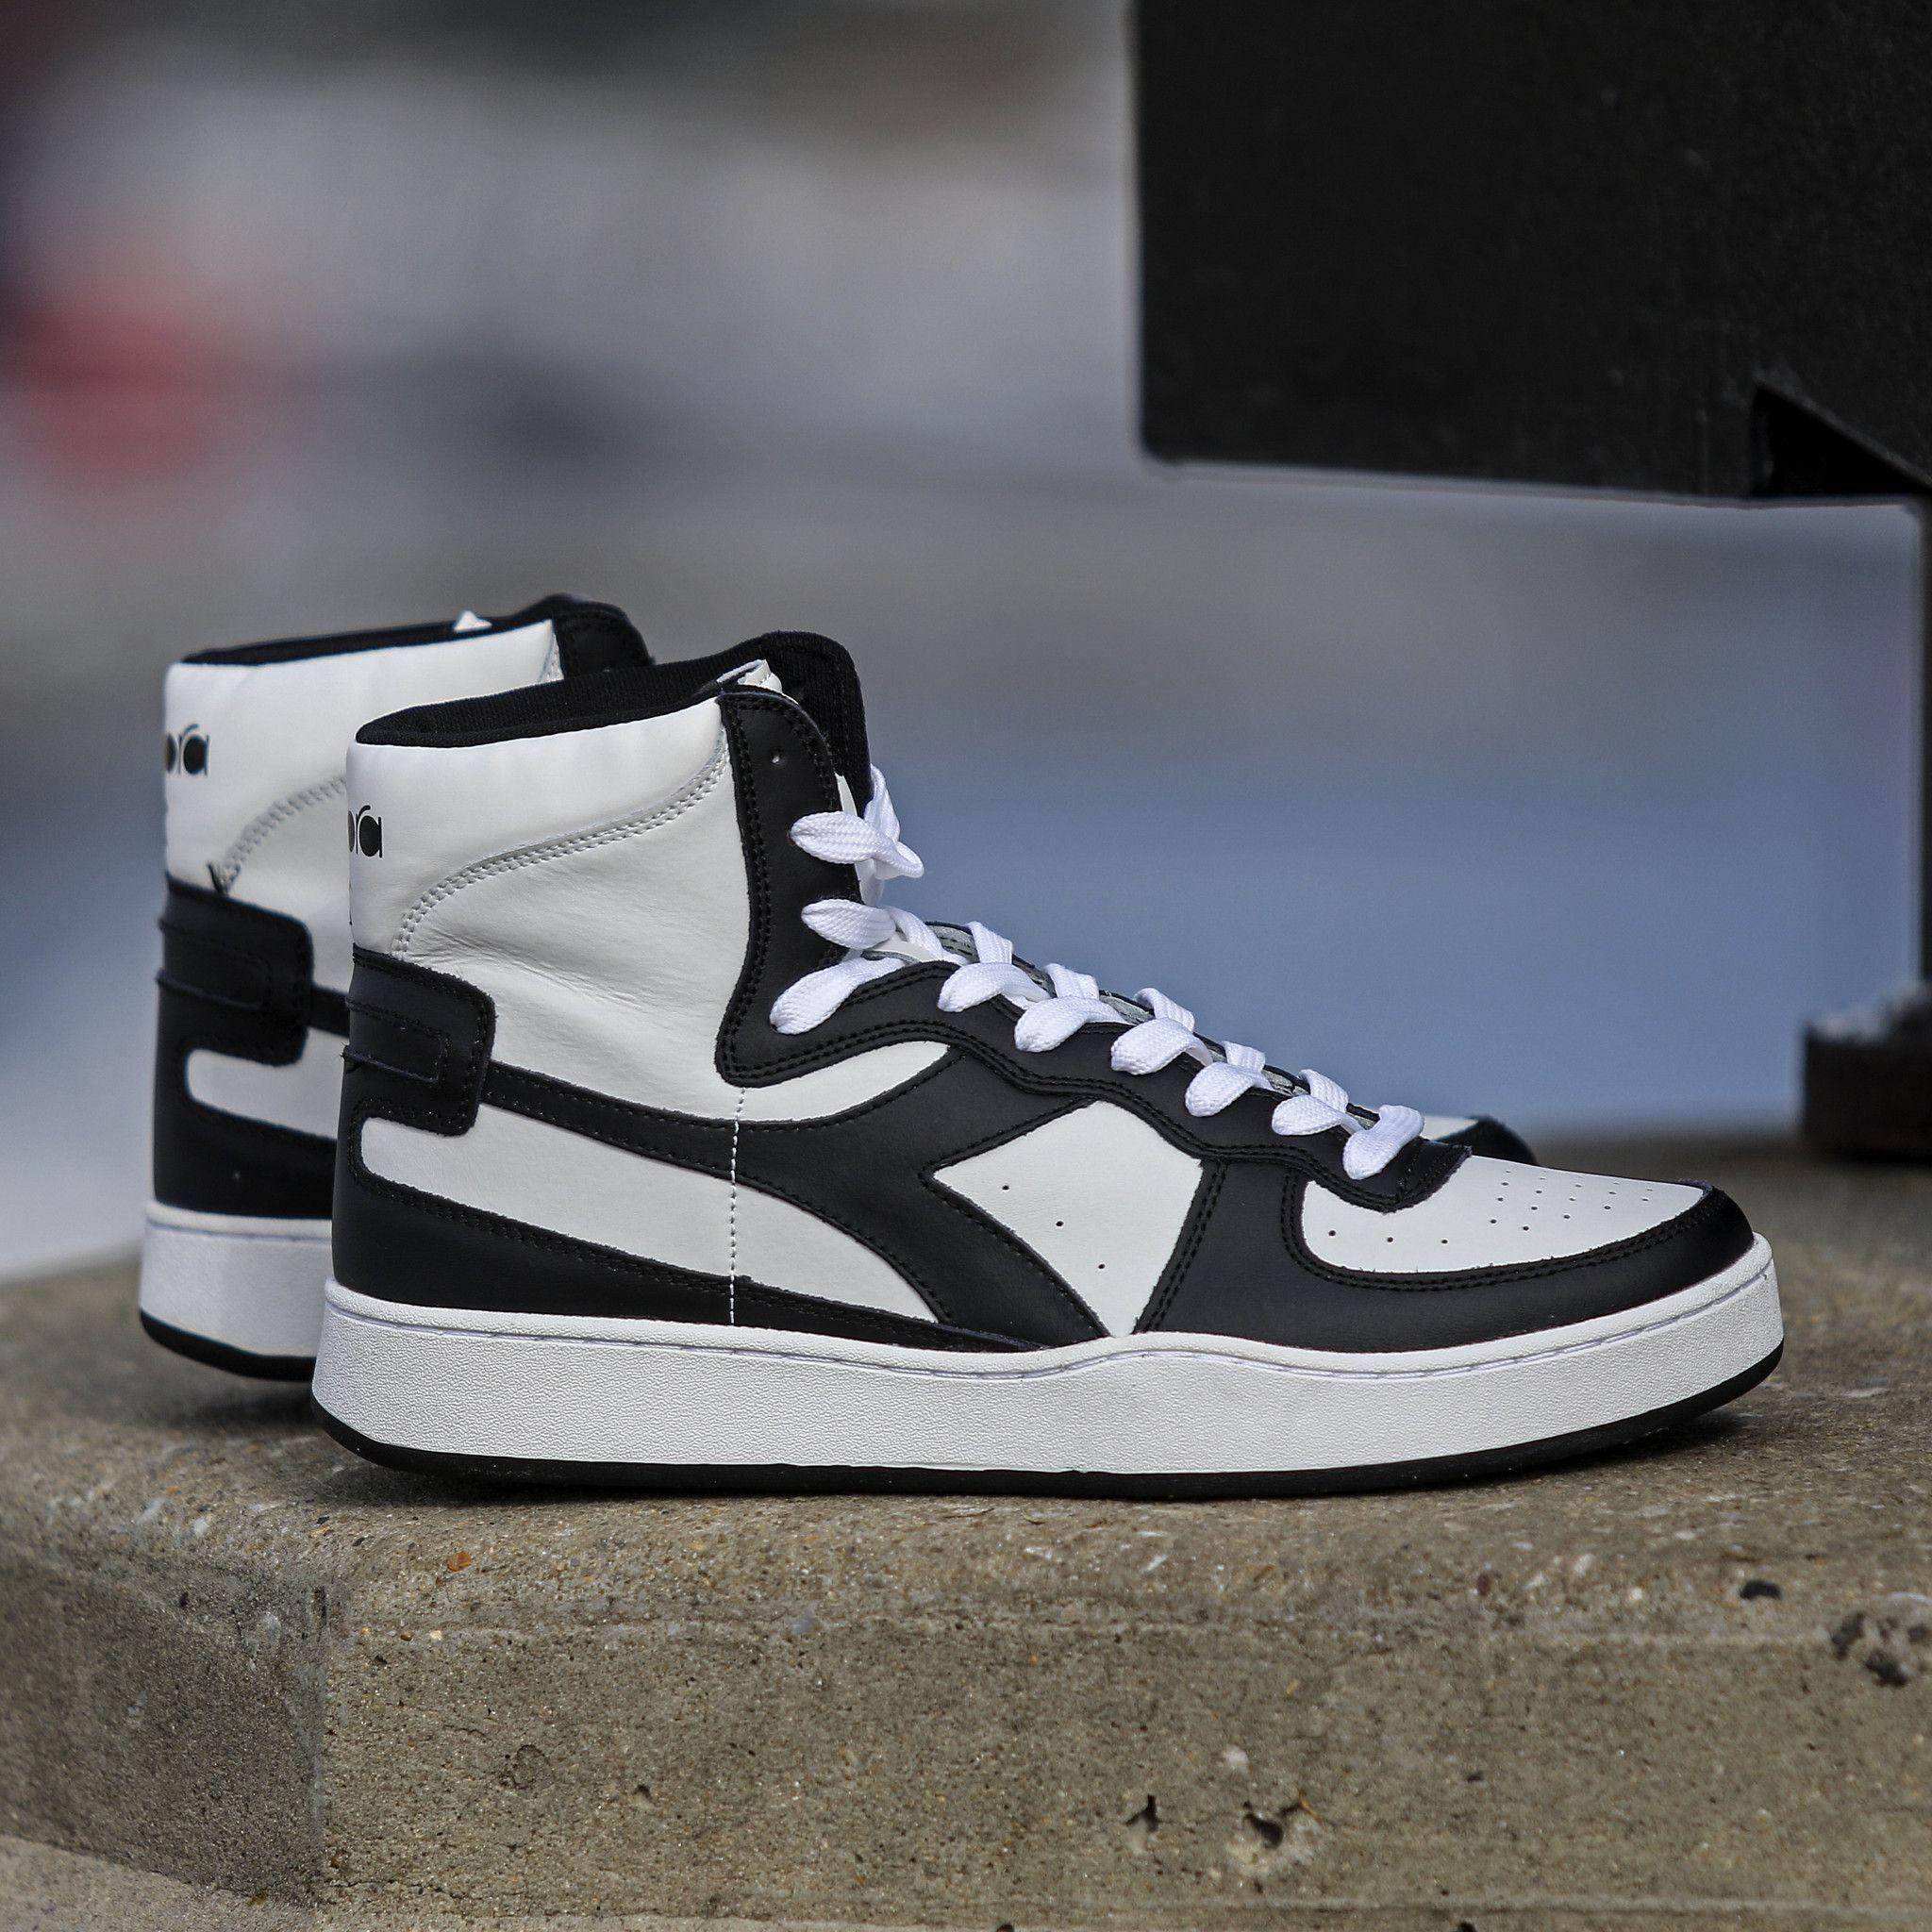 0fbf260e7886 Diadora - Mi Basket - White   Black Jordans Sneakers